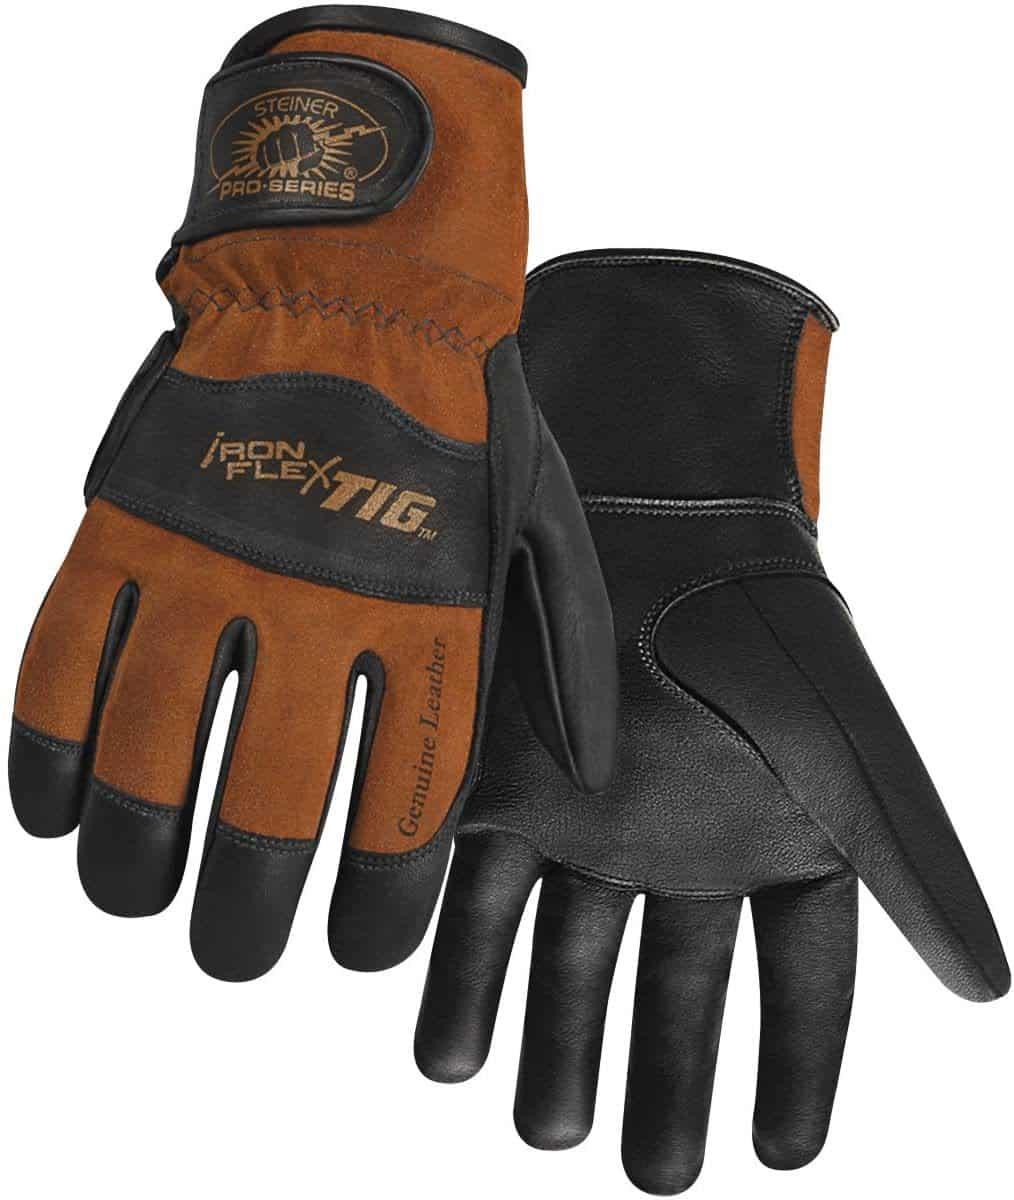 Steiner Ironflex TIG Gloves